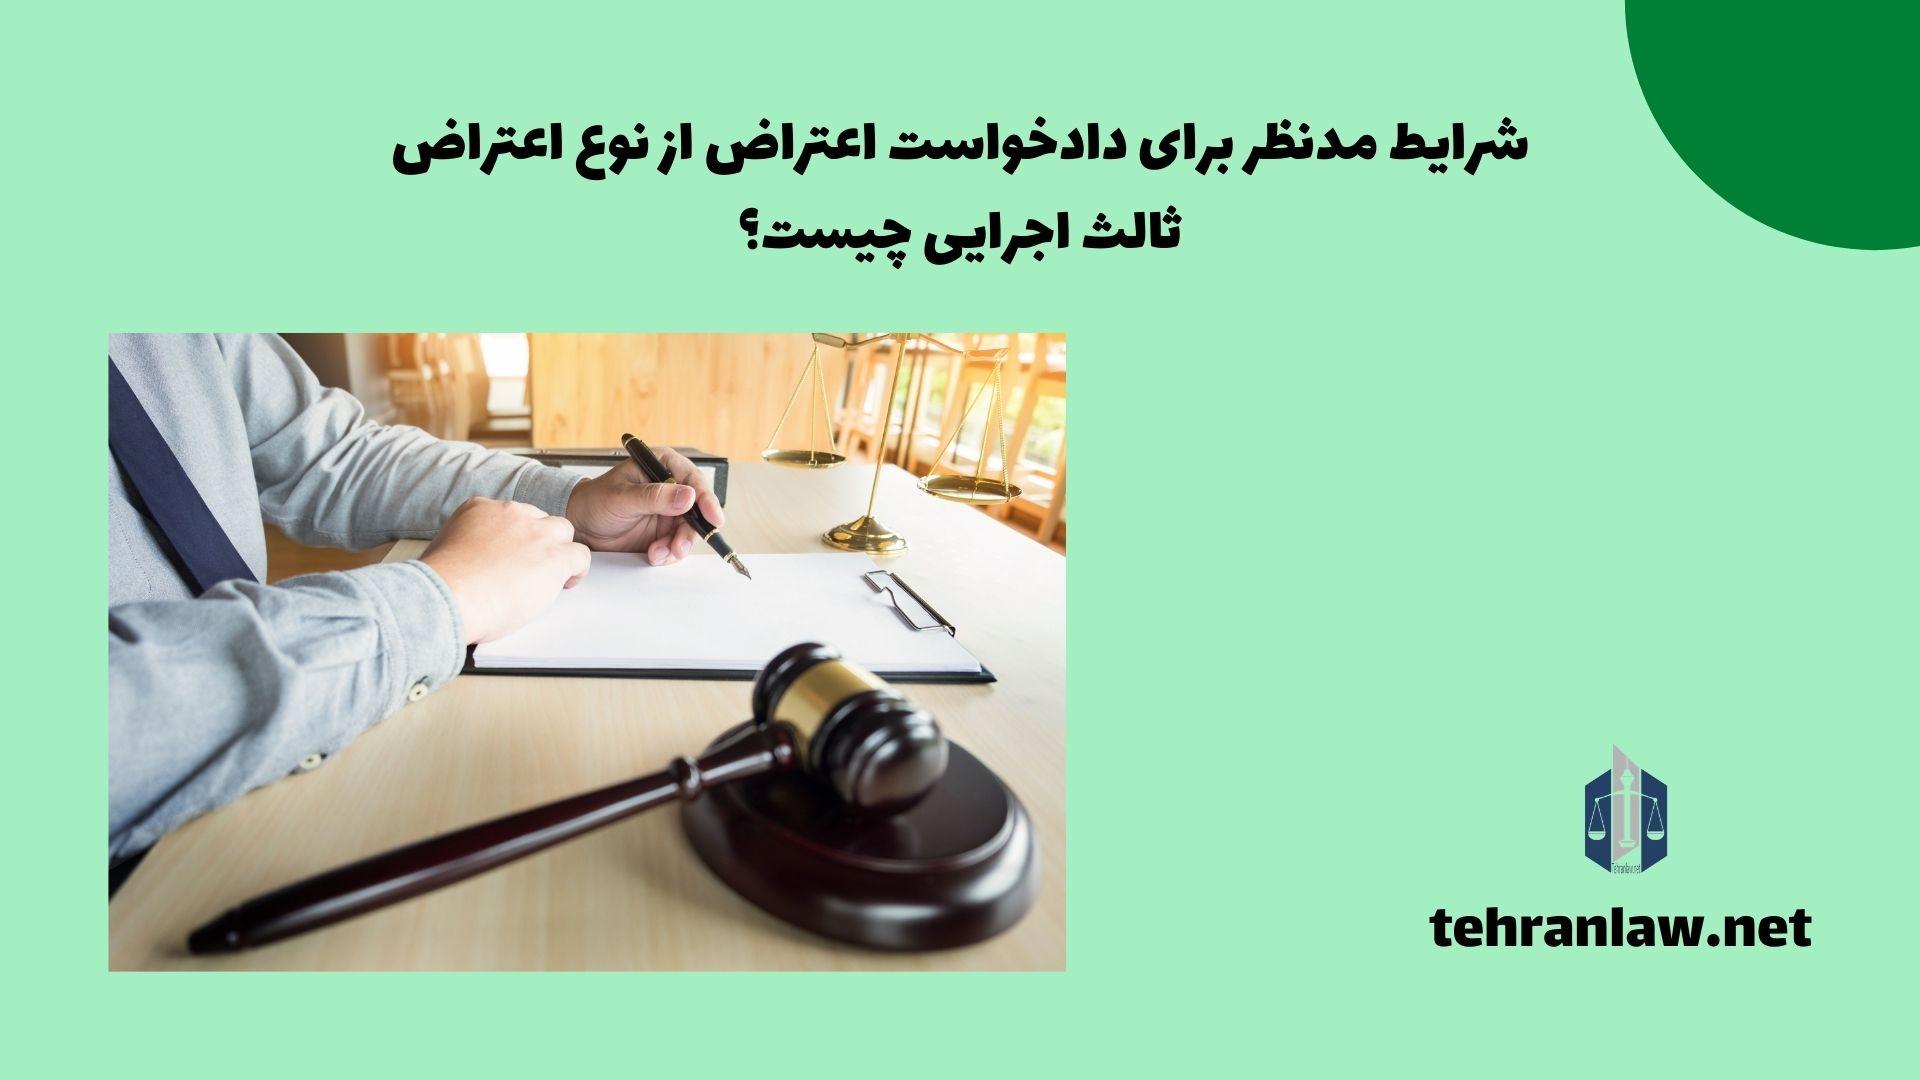 شرایط مد نظر برای دادخواست اعتراض از نوع اعتراض ثالث اجرایی چیست؟